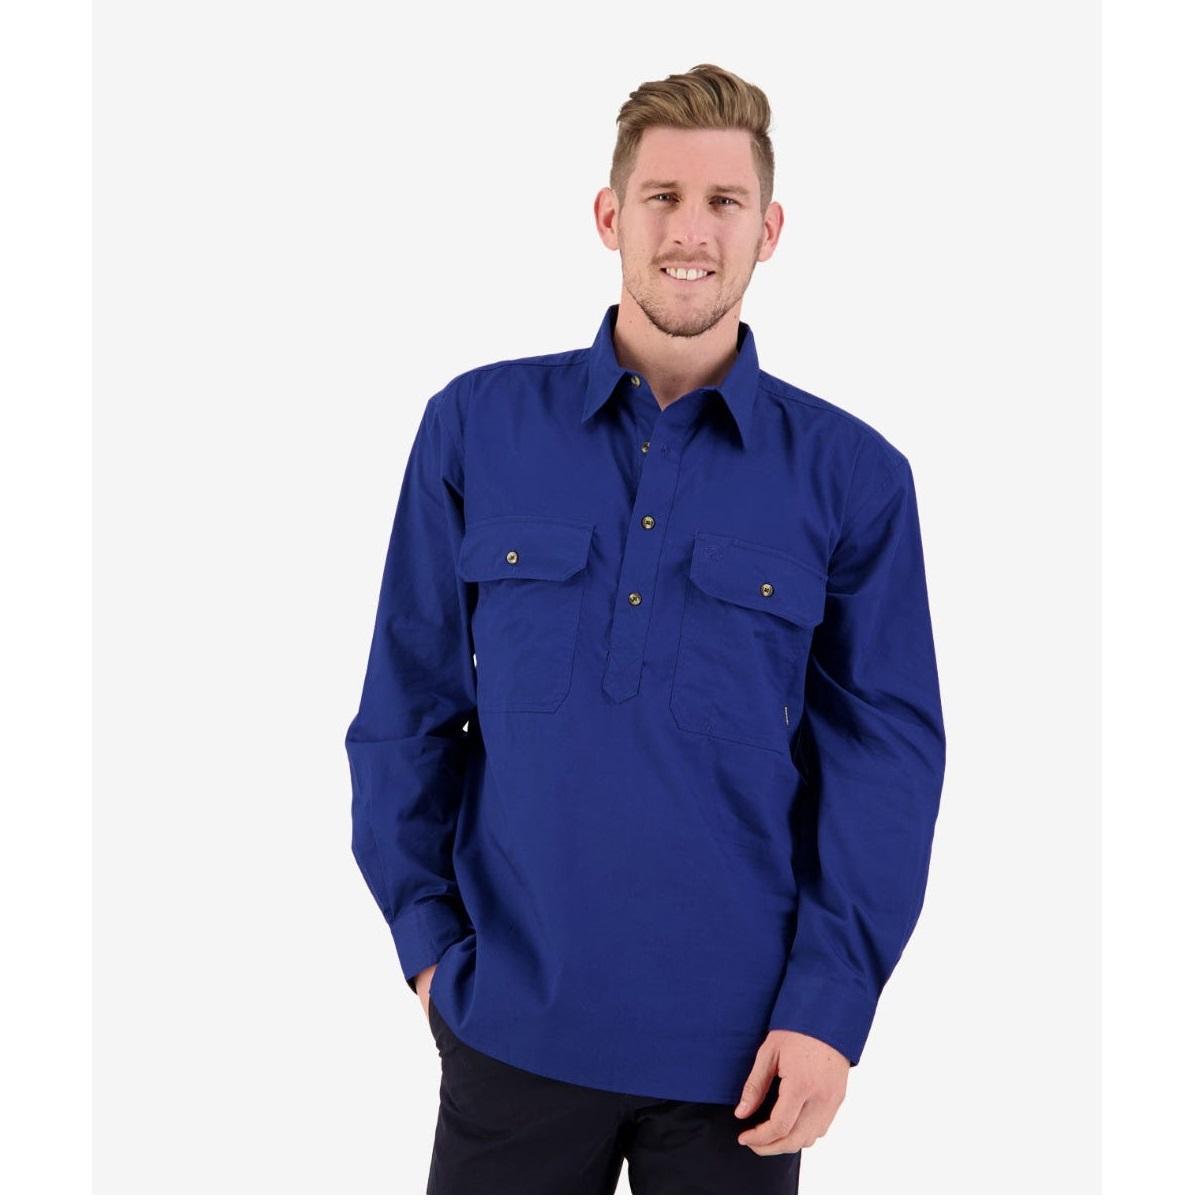 ss18217m_bendigo_half_placket_shirt-navy-om-1_web_1